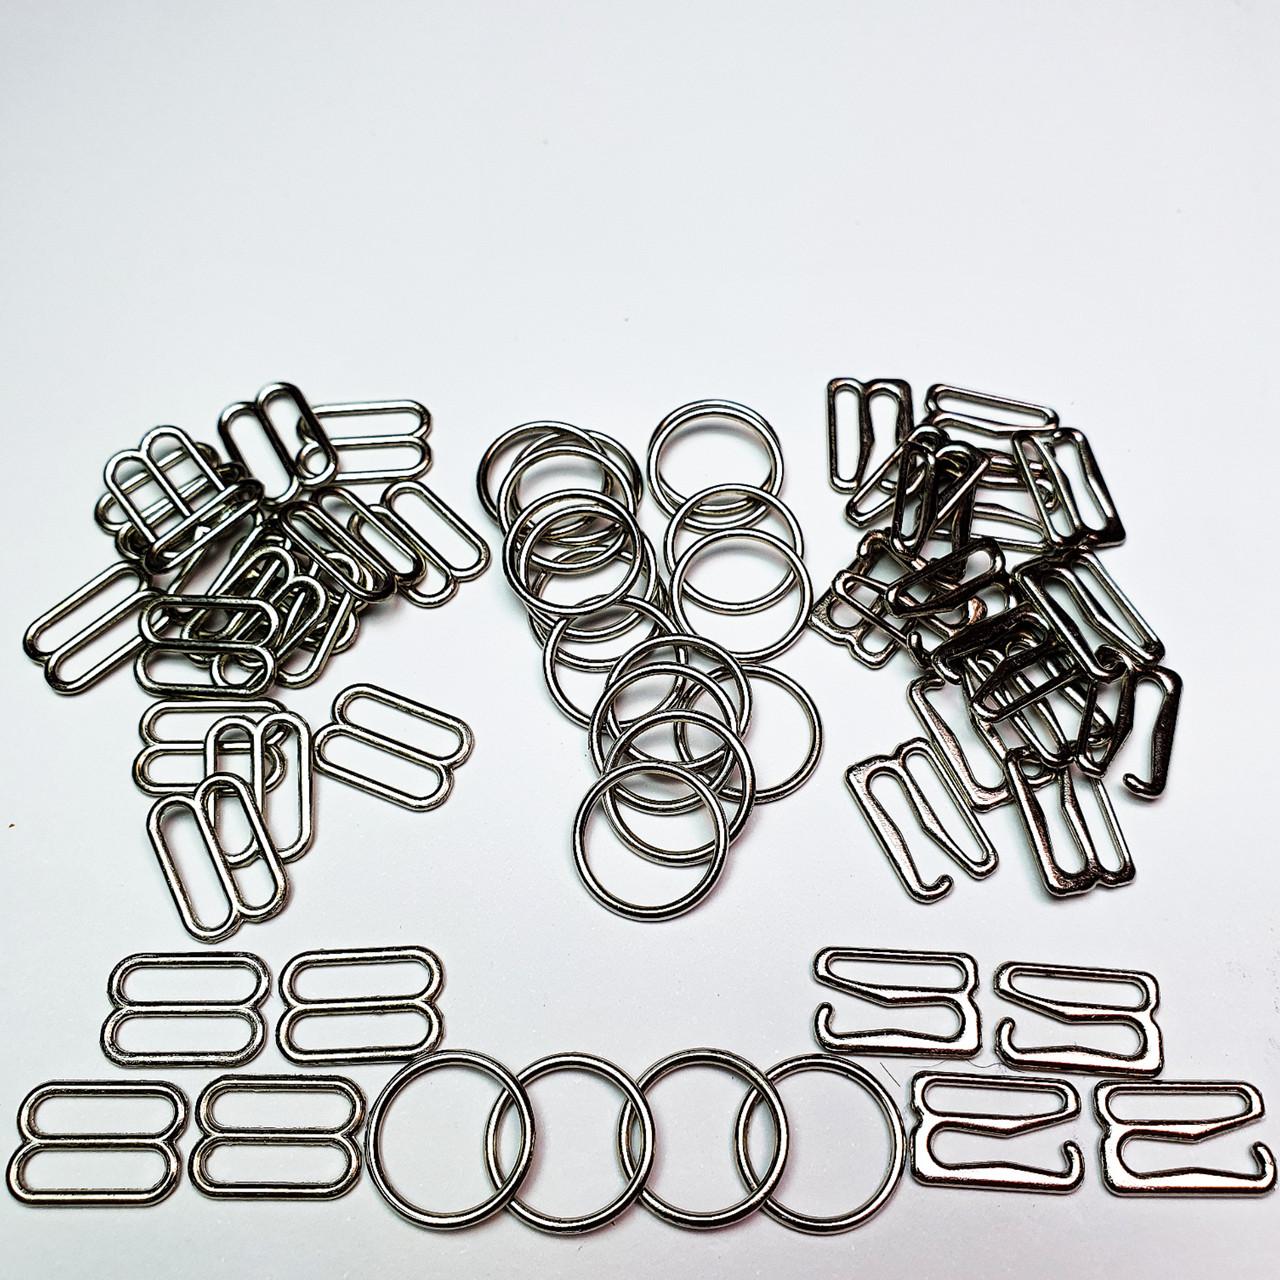 Набір для бюстгальтера, для бретелей, регулятори 10мм метал (сріблястий нікель).(3 деталі по 20 шт).